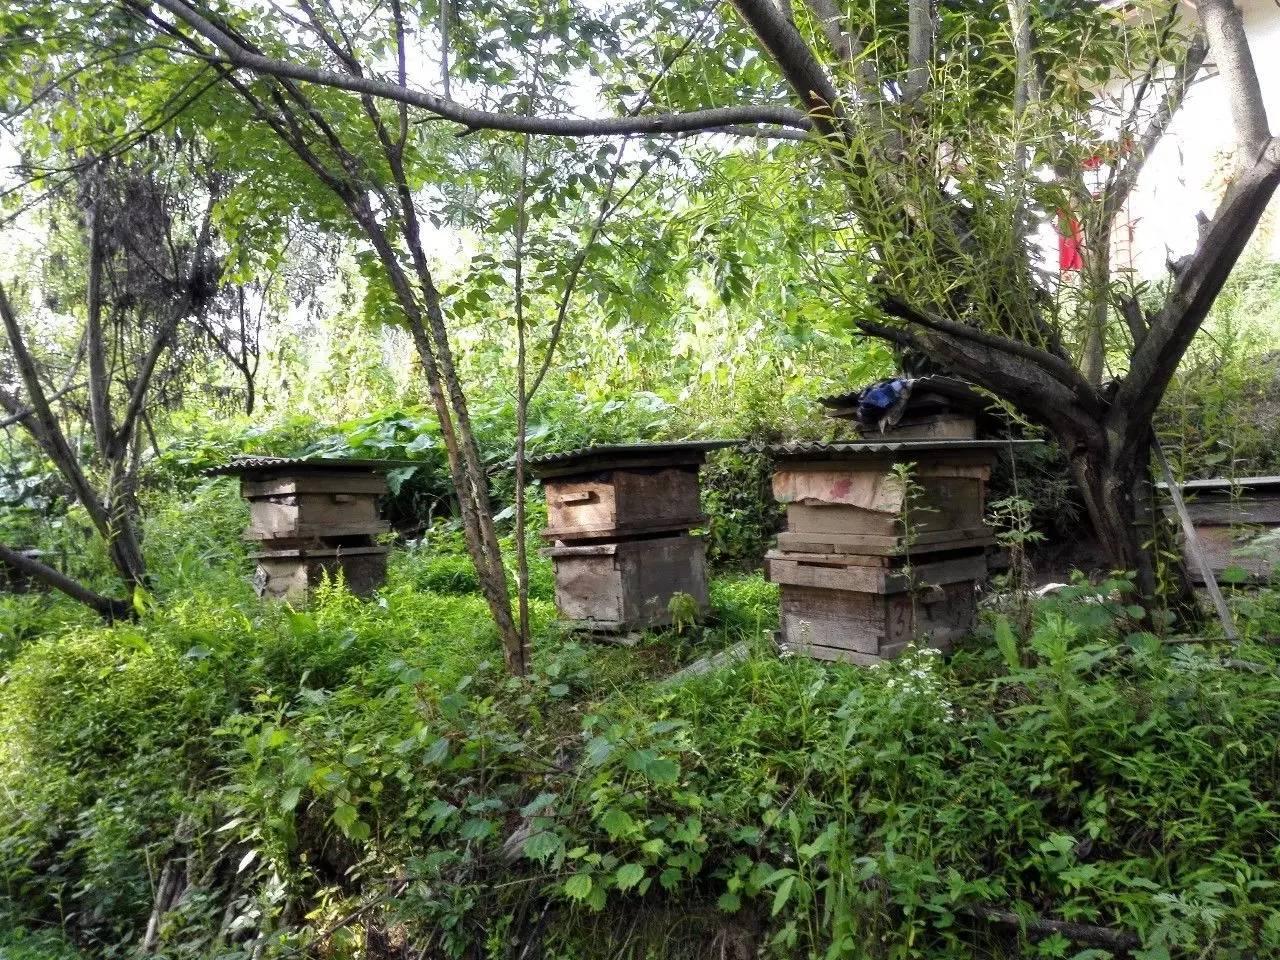 什么蜂蜜最有营养 蜂蜜结晶像猪油 豆角蜂蜜 什么时间喝蜂蜜好 醋和蜂蜜能减肥吗